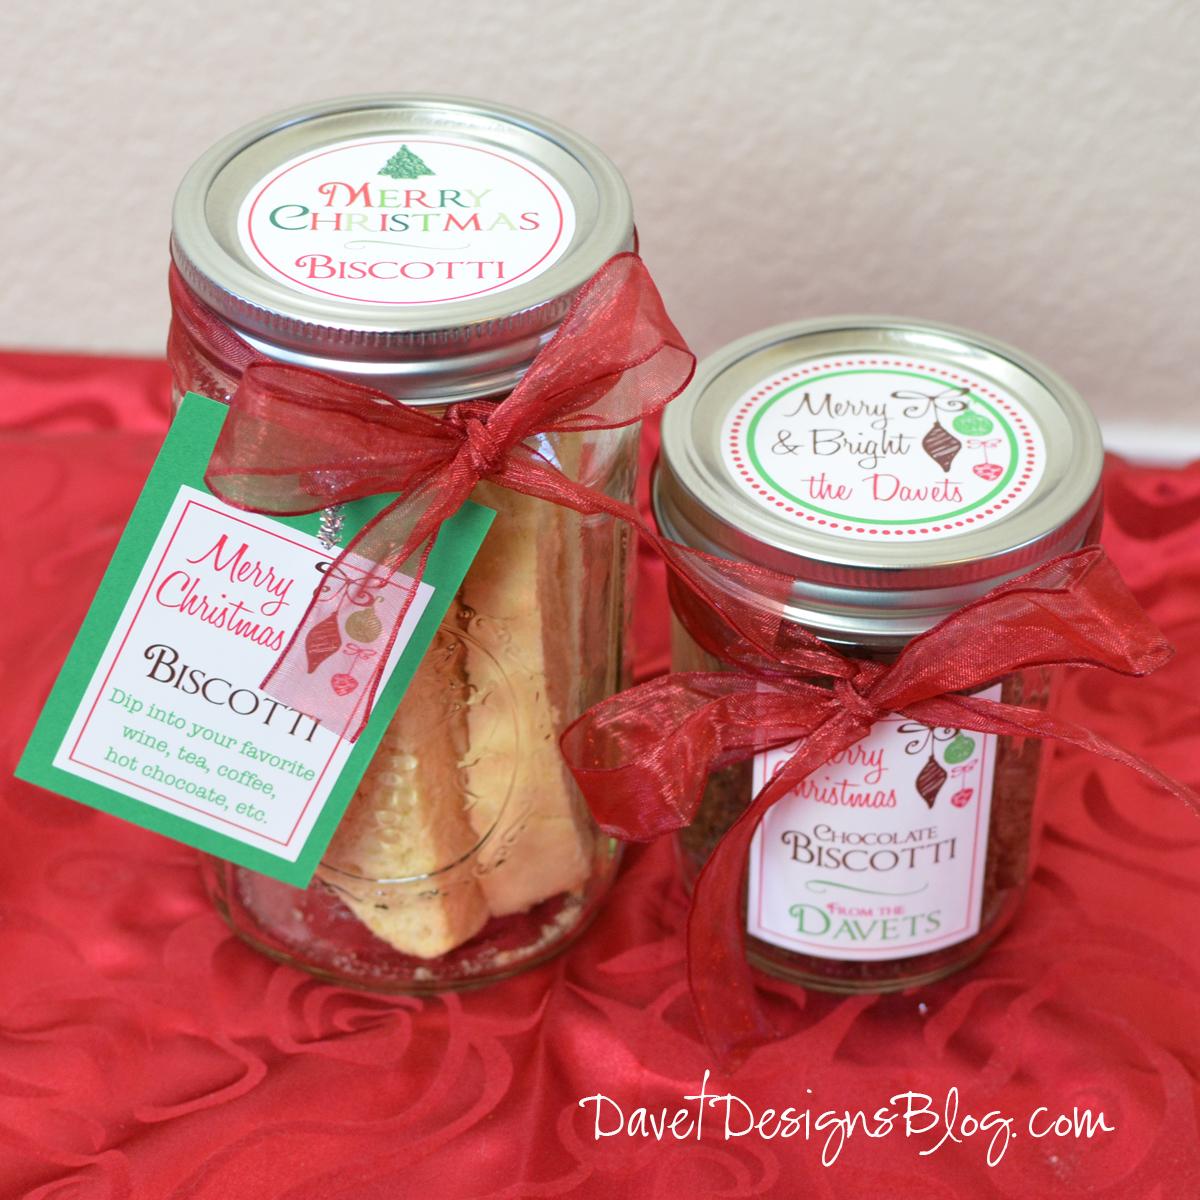 Biscotti in a Jar